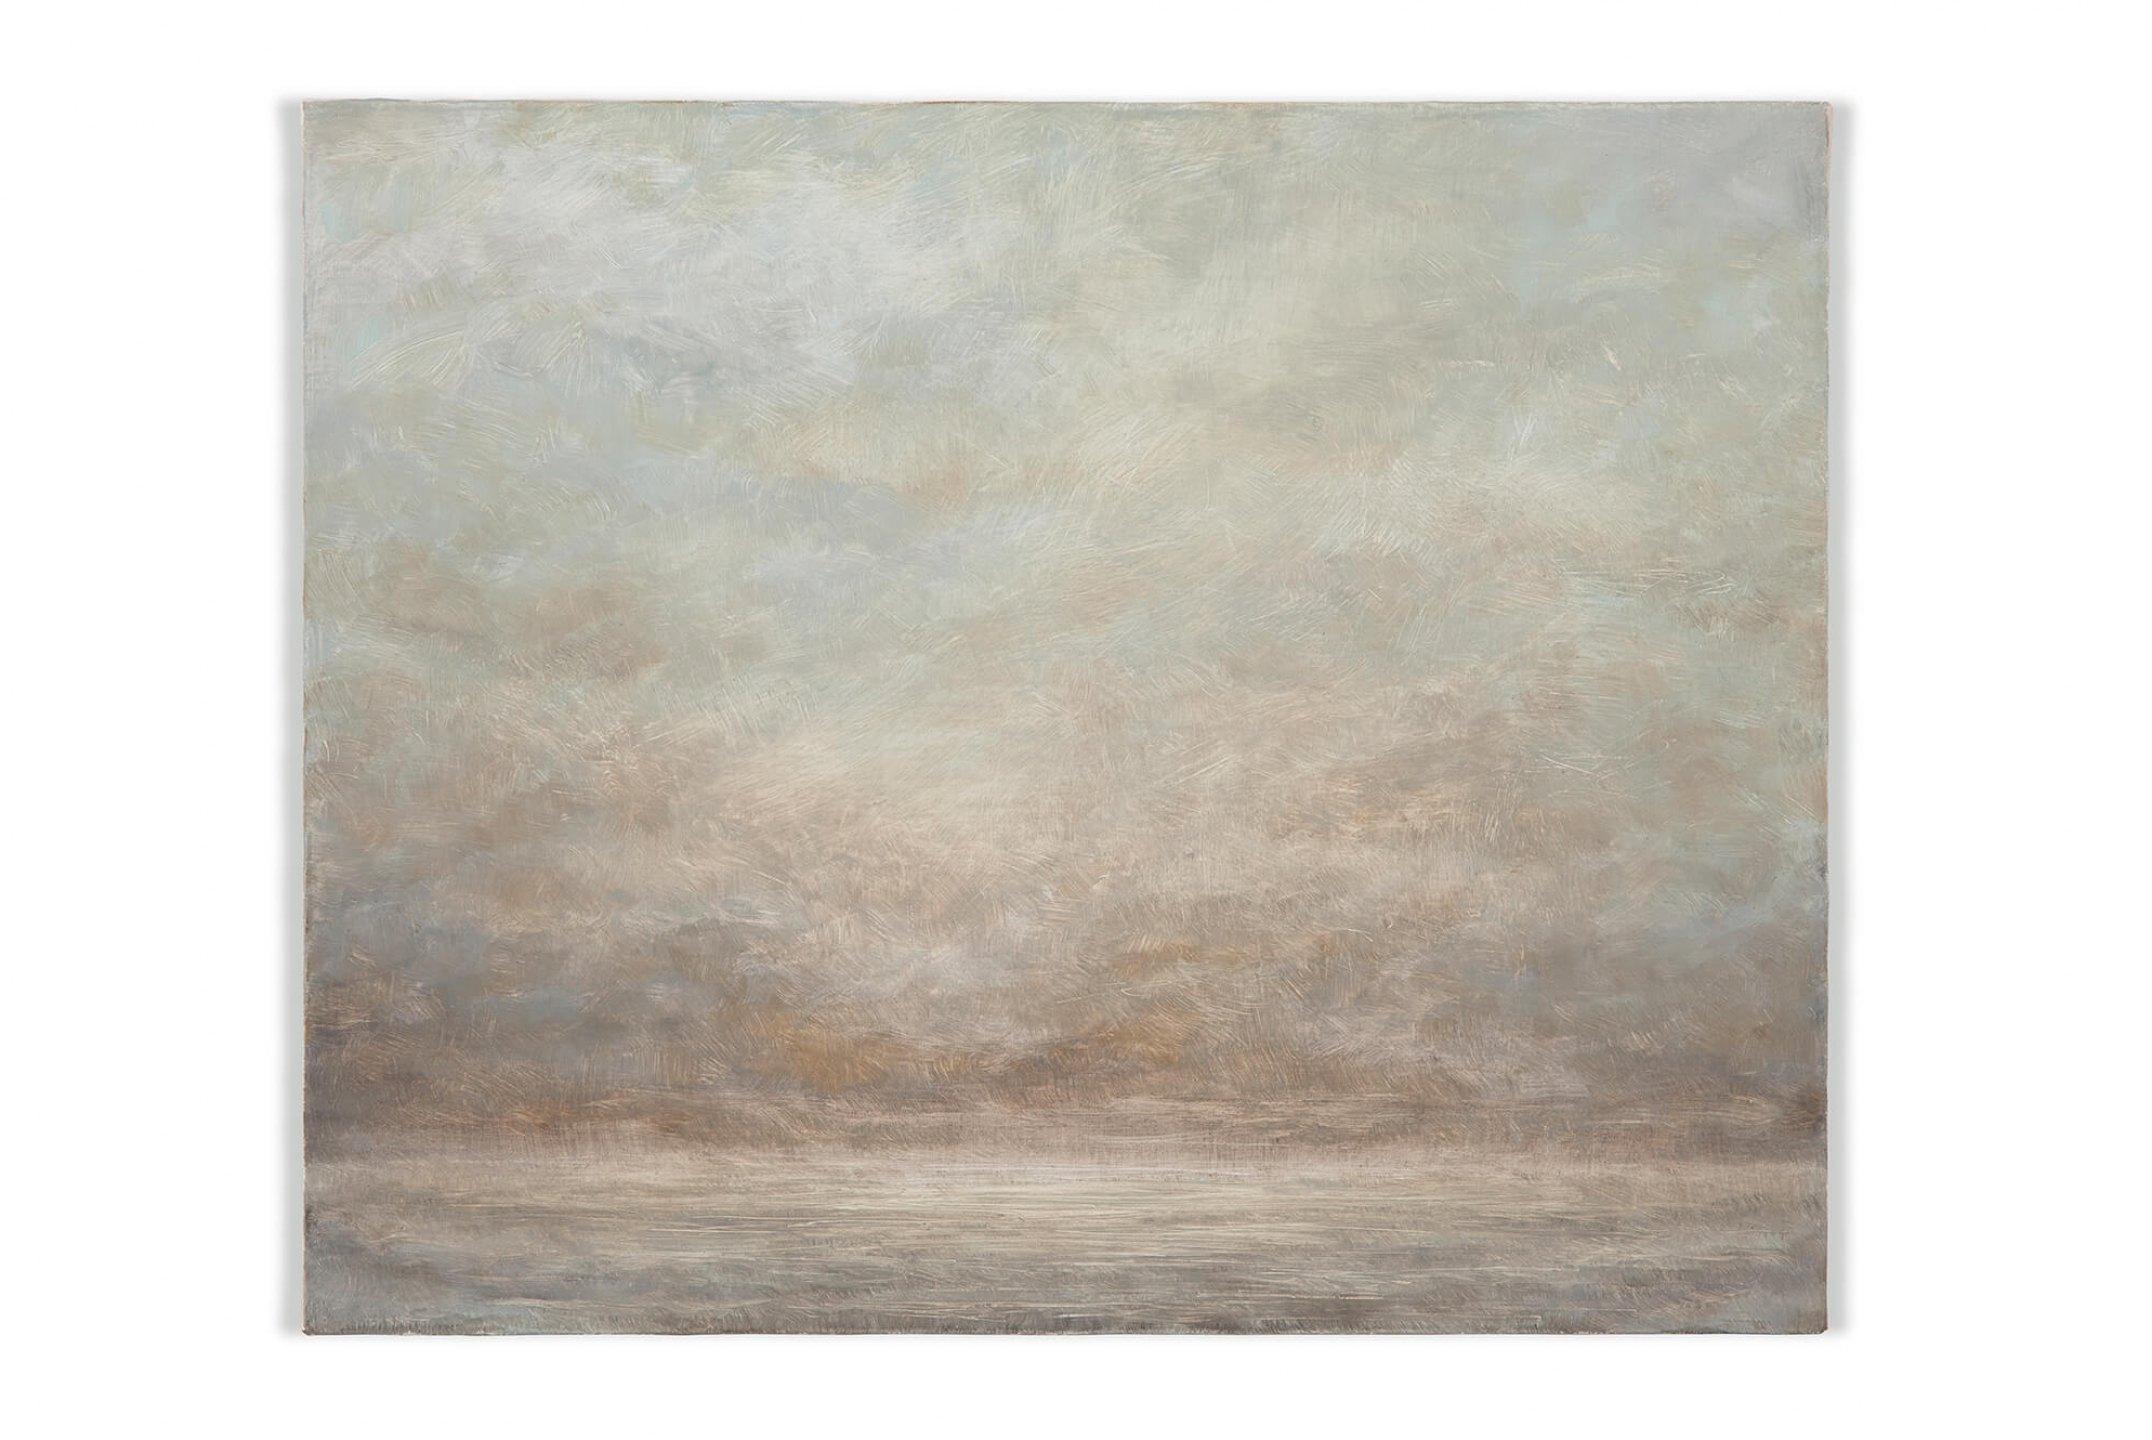 Lucas Arruda,&nbsp;<em>untitled</em>, 2014, oil on canvas, 30 × 37 cm - Mendes Wood DM